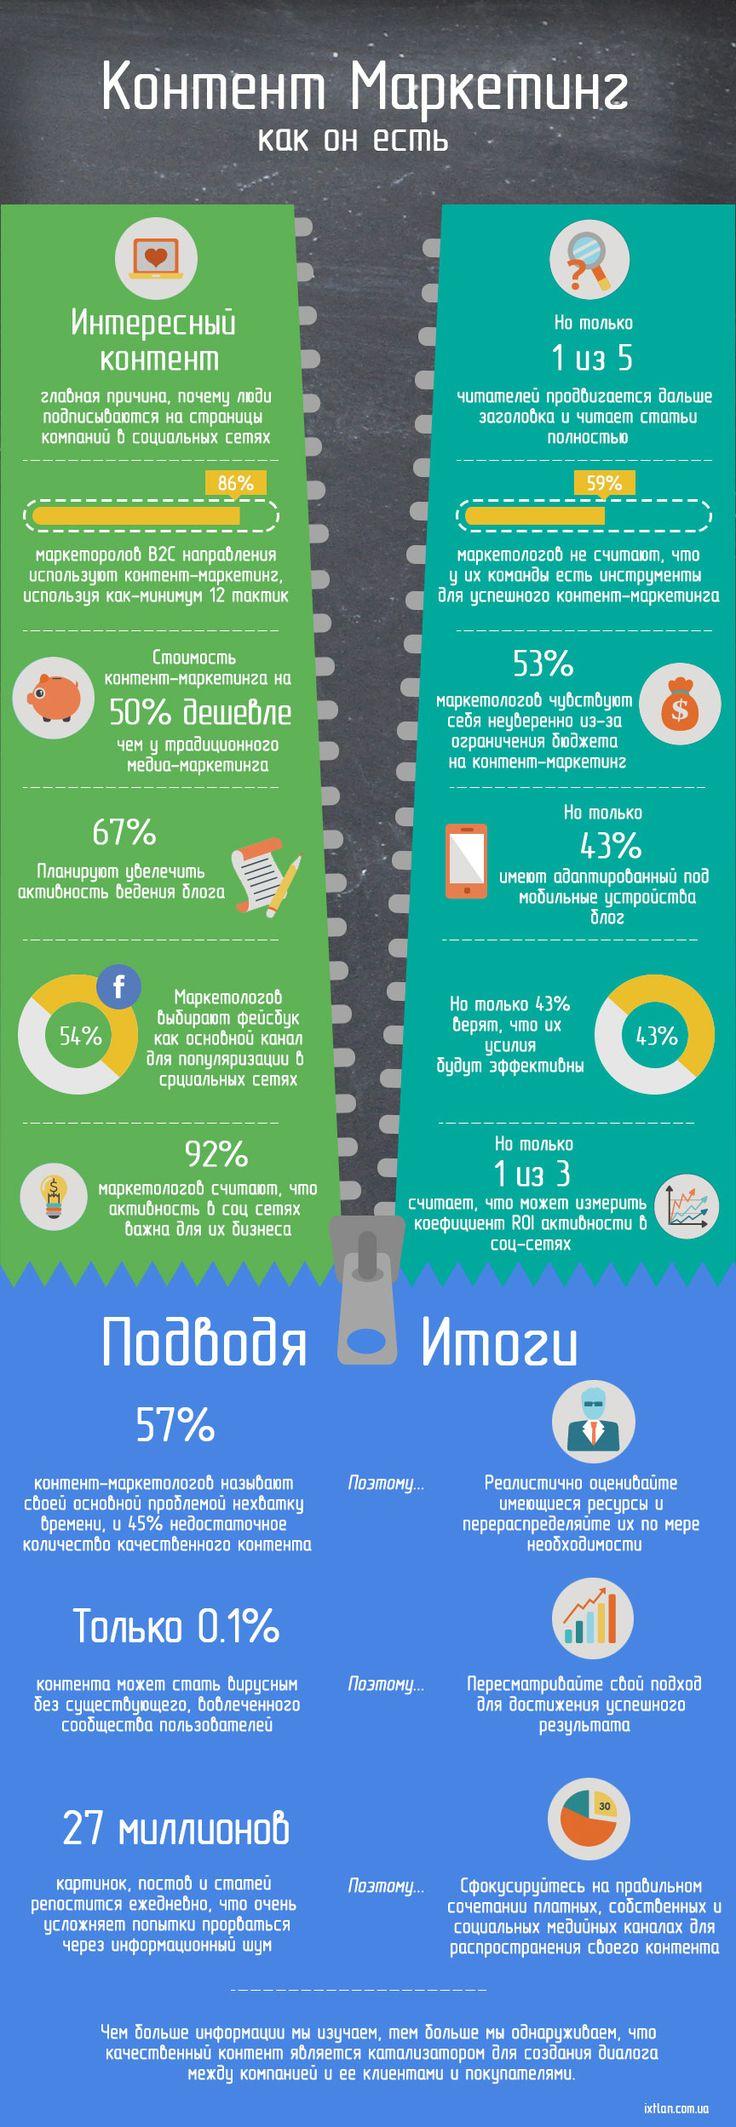 Контент-маркетинг как он есть - Инфографика smm2you.wordpress.com